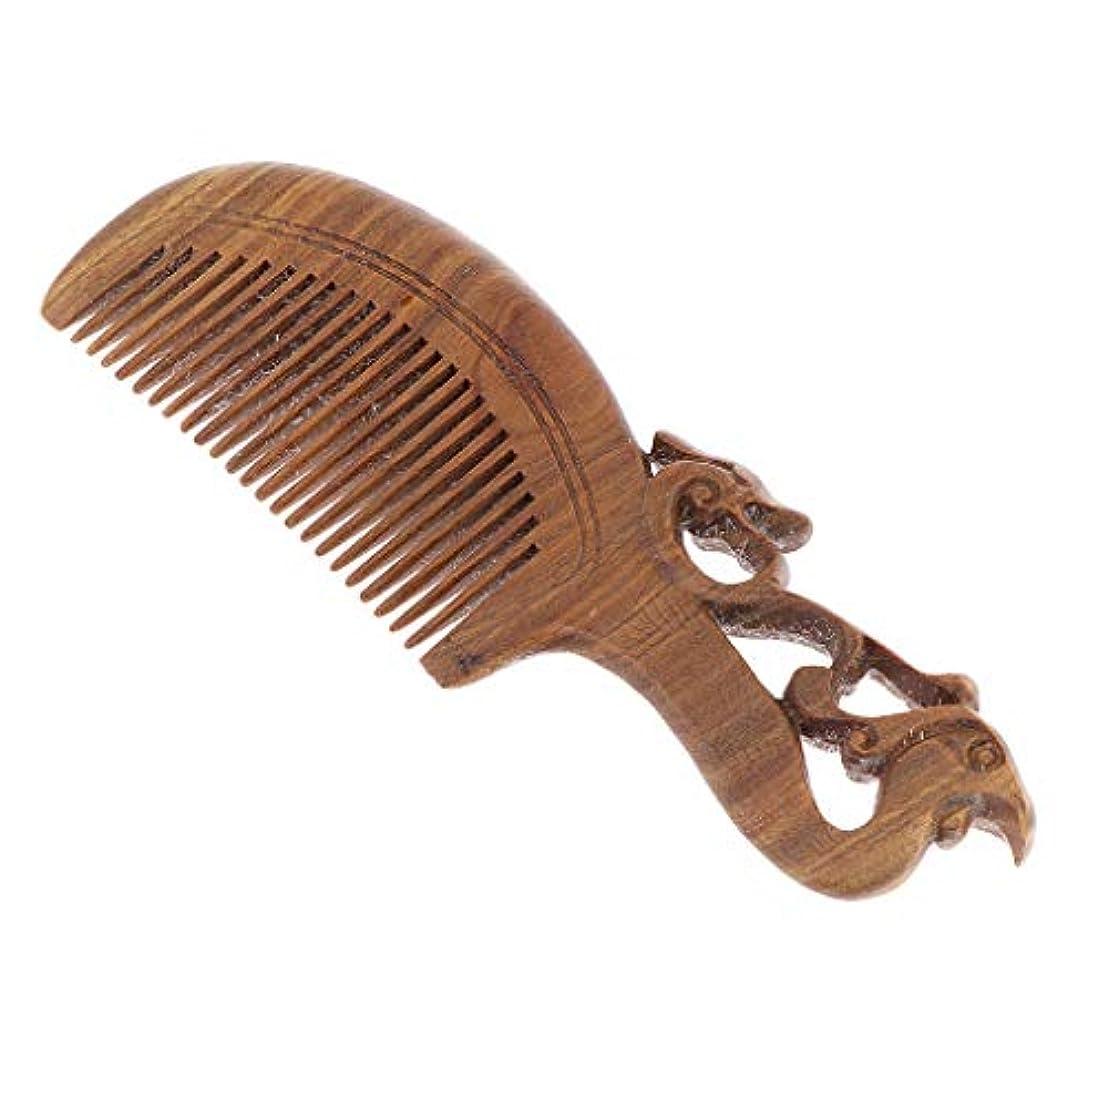 証拠反対する階下ウッドコーム 木製櫛 プレゼント 頭皮マッサージ レトロ 手作り 高品質 4タイプ選べ - 17 x 5.5 x 1.2 cm